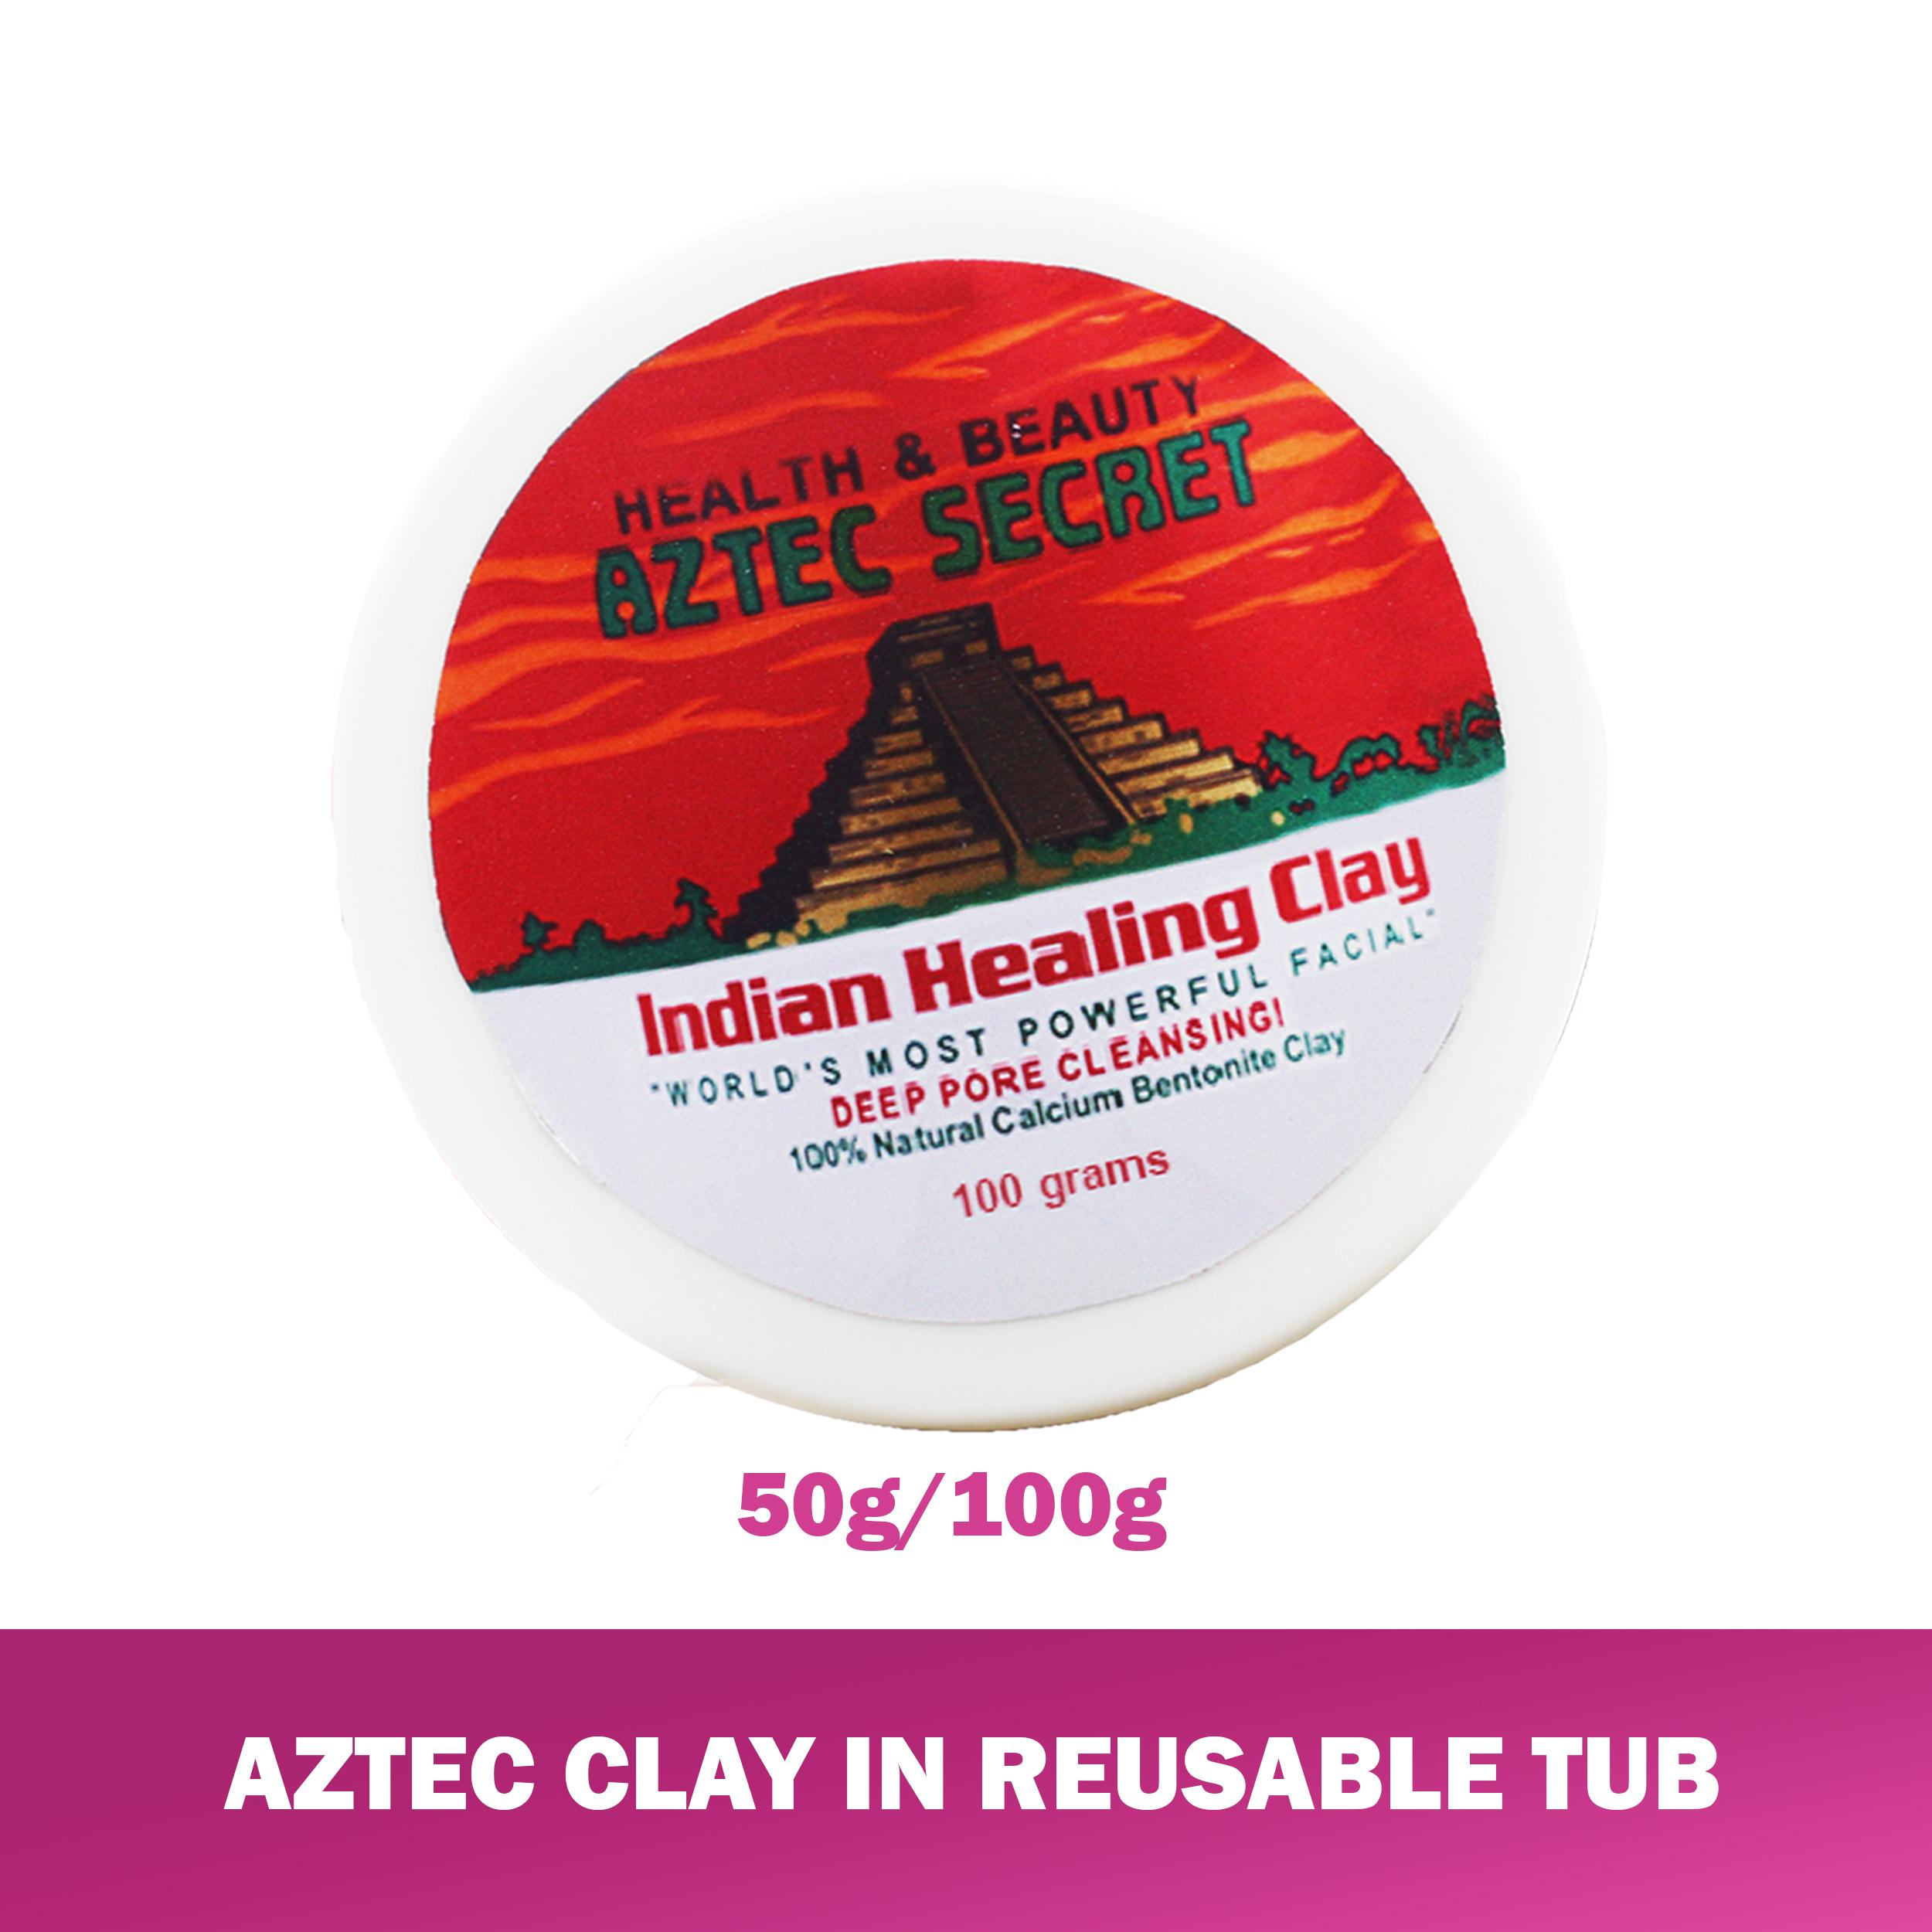 100g/50g Aztec Secret Indian Healing Clay